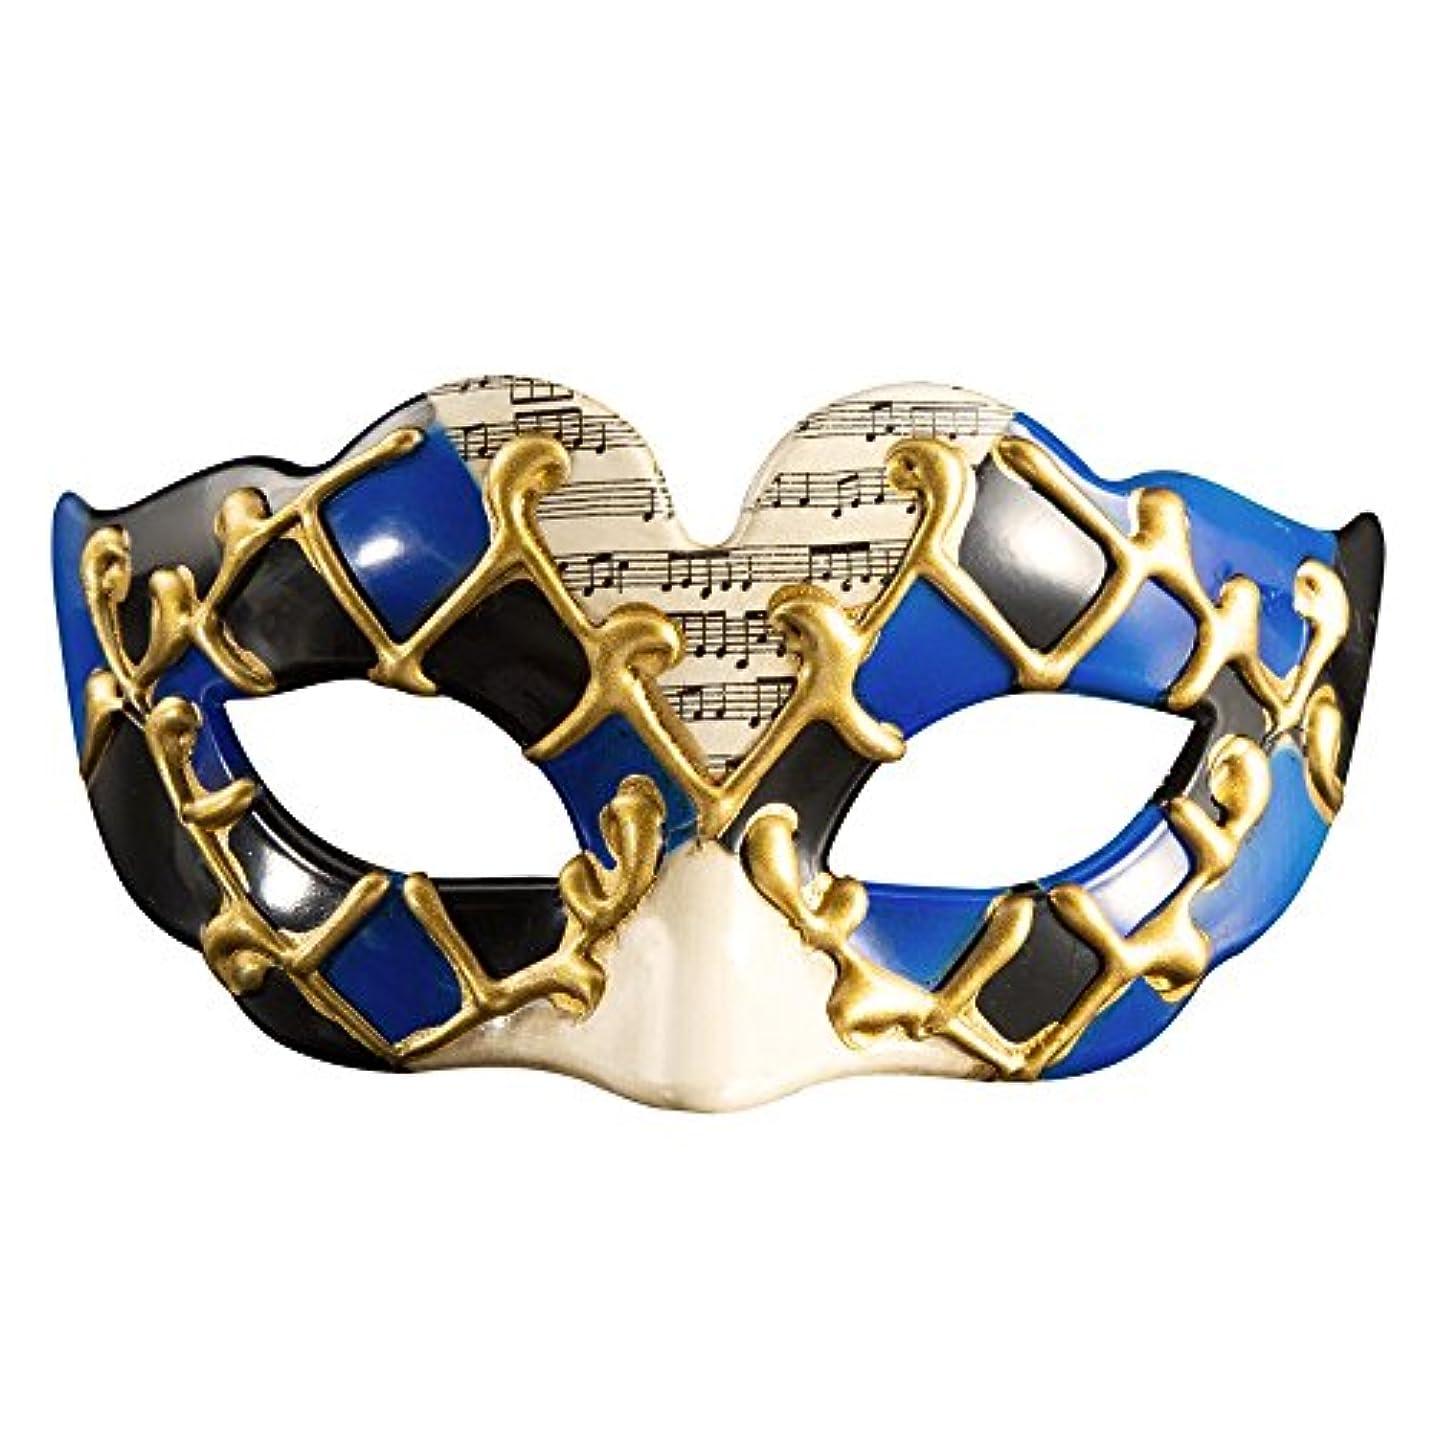 夢中フィードバック考古学クリエイティブキッズハーフフェイスハロウィンマスクパーティー新しいファンシードレスボールマスク (Color : #3)